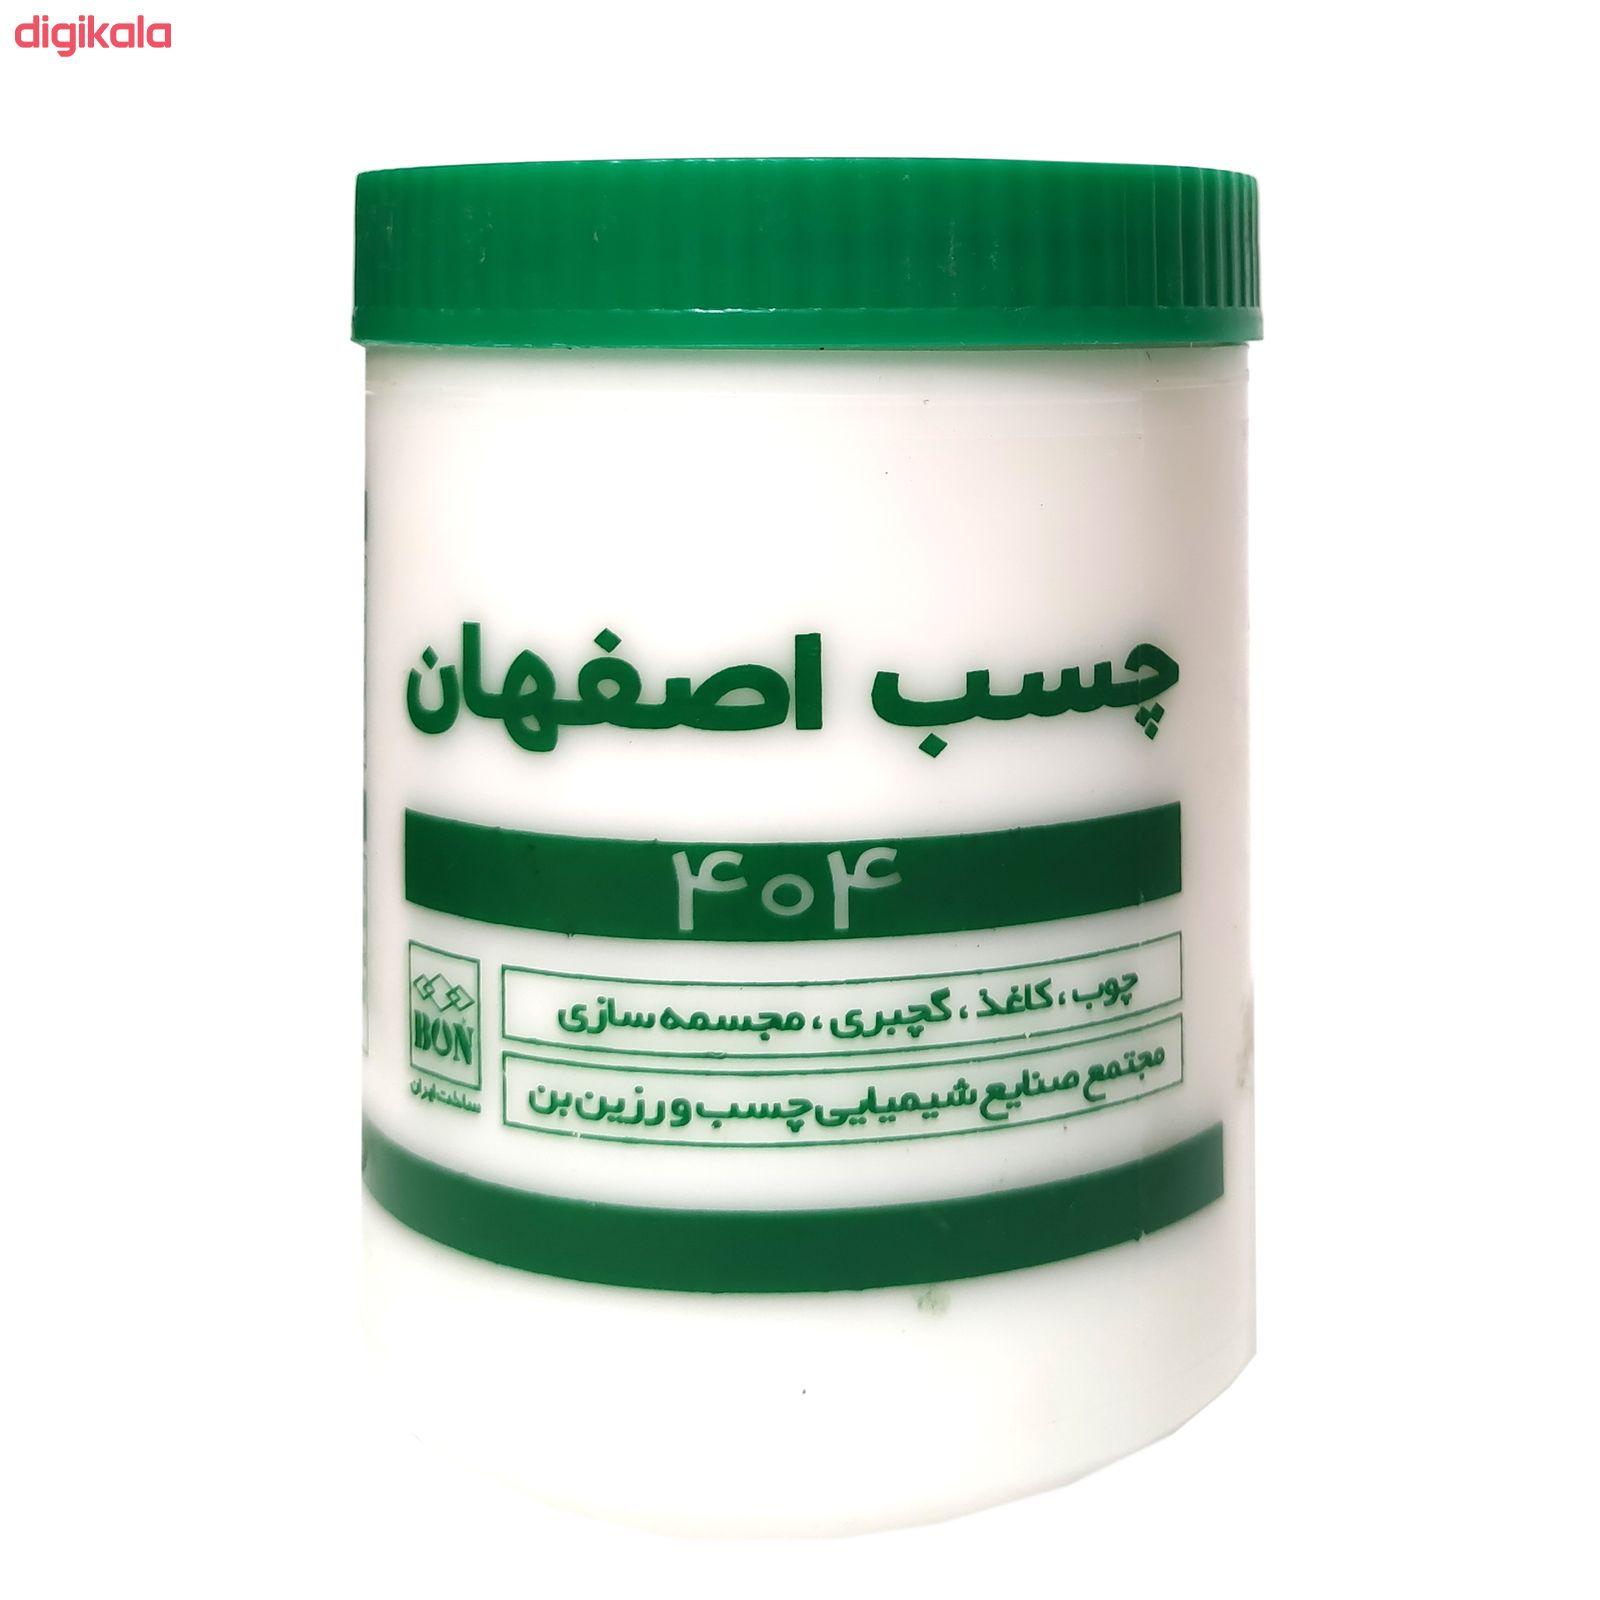 چسب چوب اصفهان مدل 404 وزن 800 گرم main 1 1